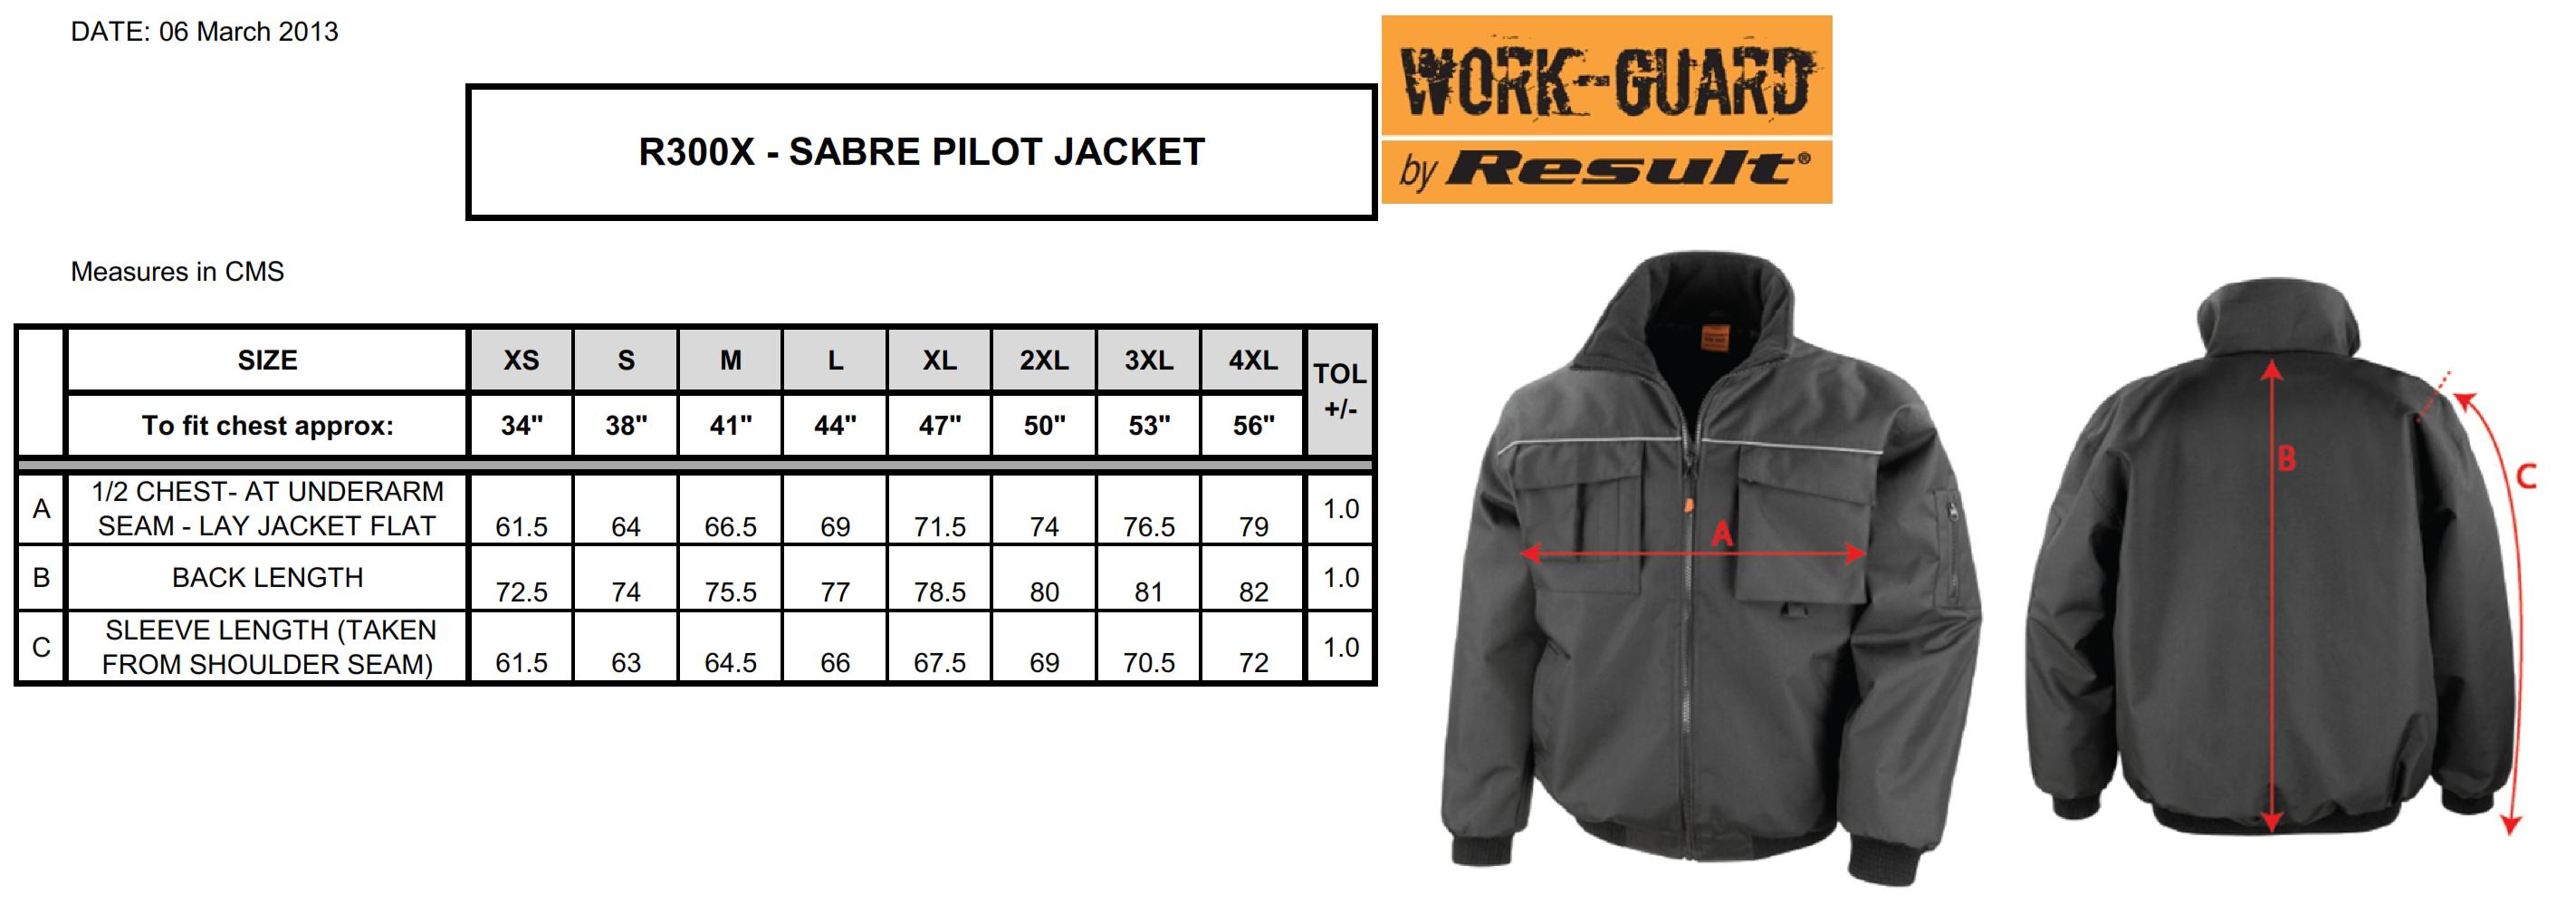 Result: Work-Guard Sabre Pilot Jacket R300X